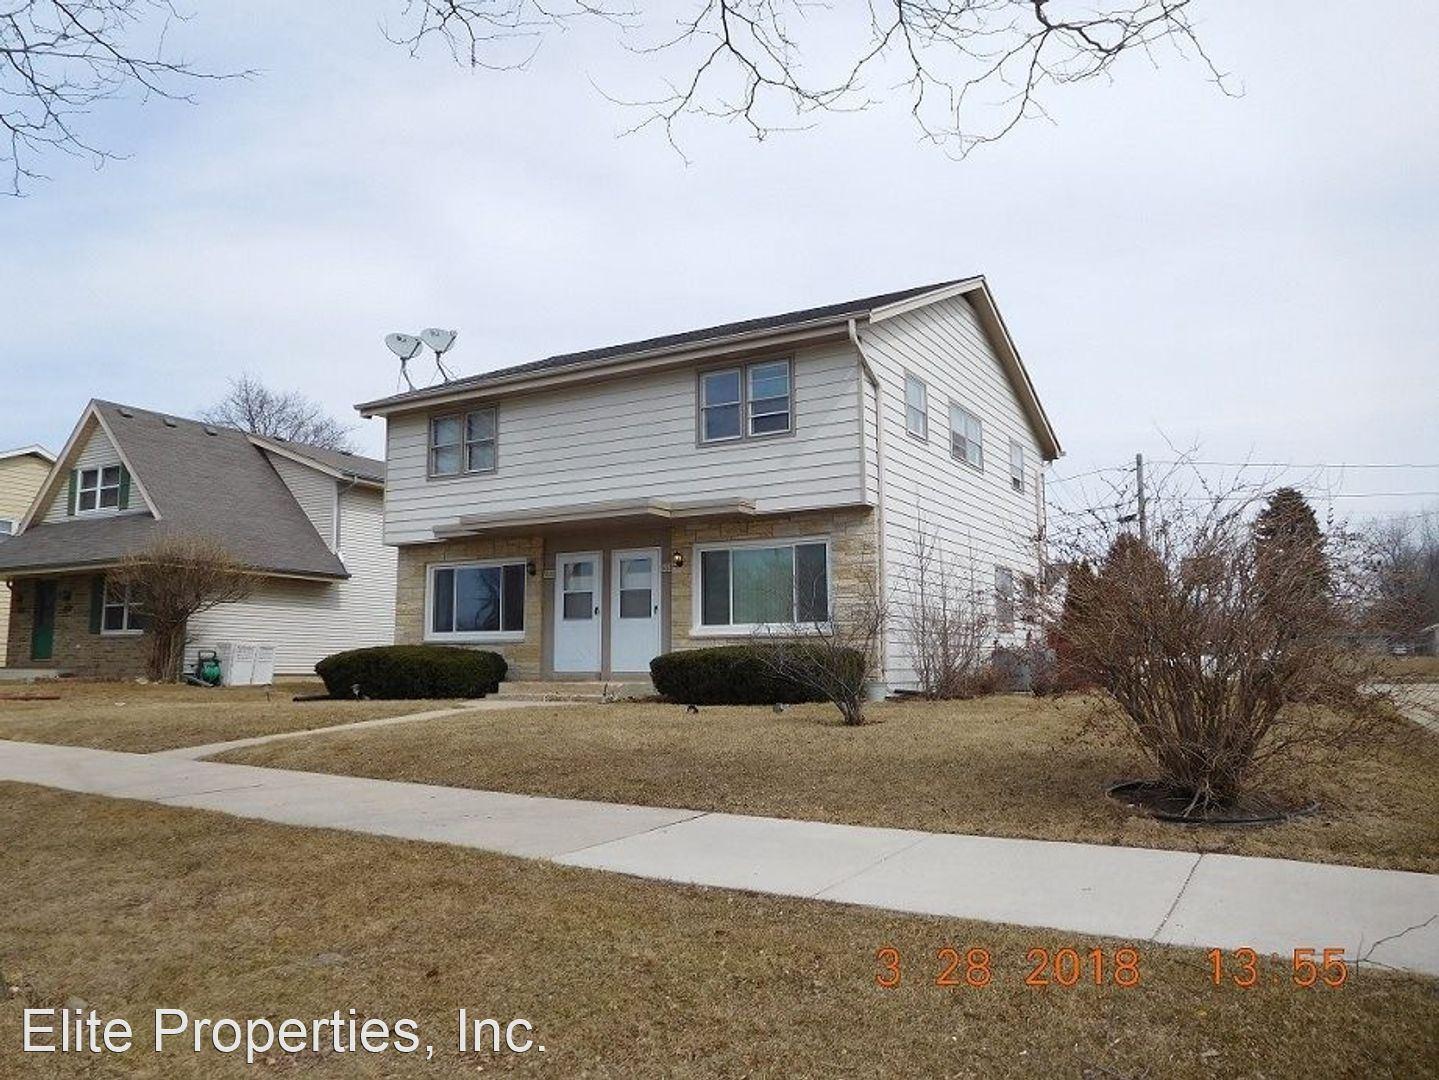 5616-5618 S. Barland Avenue, Cudahy, WI - $1,250